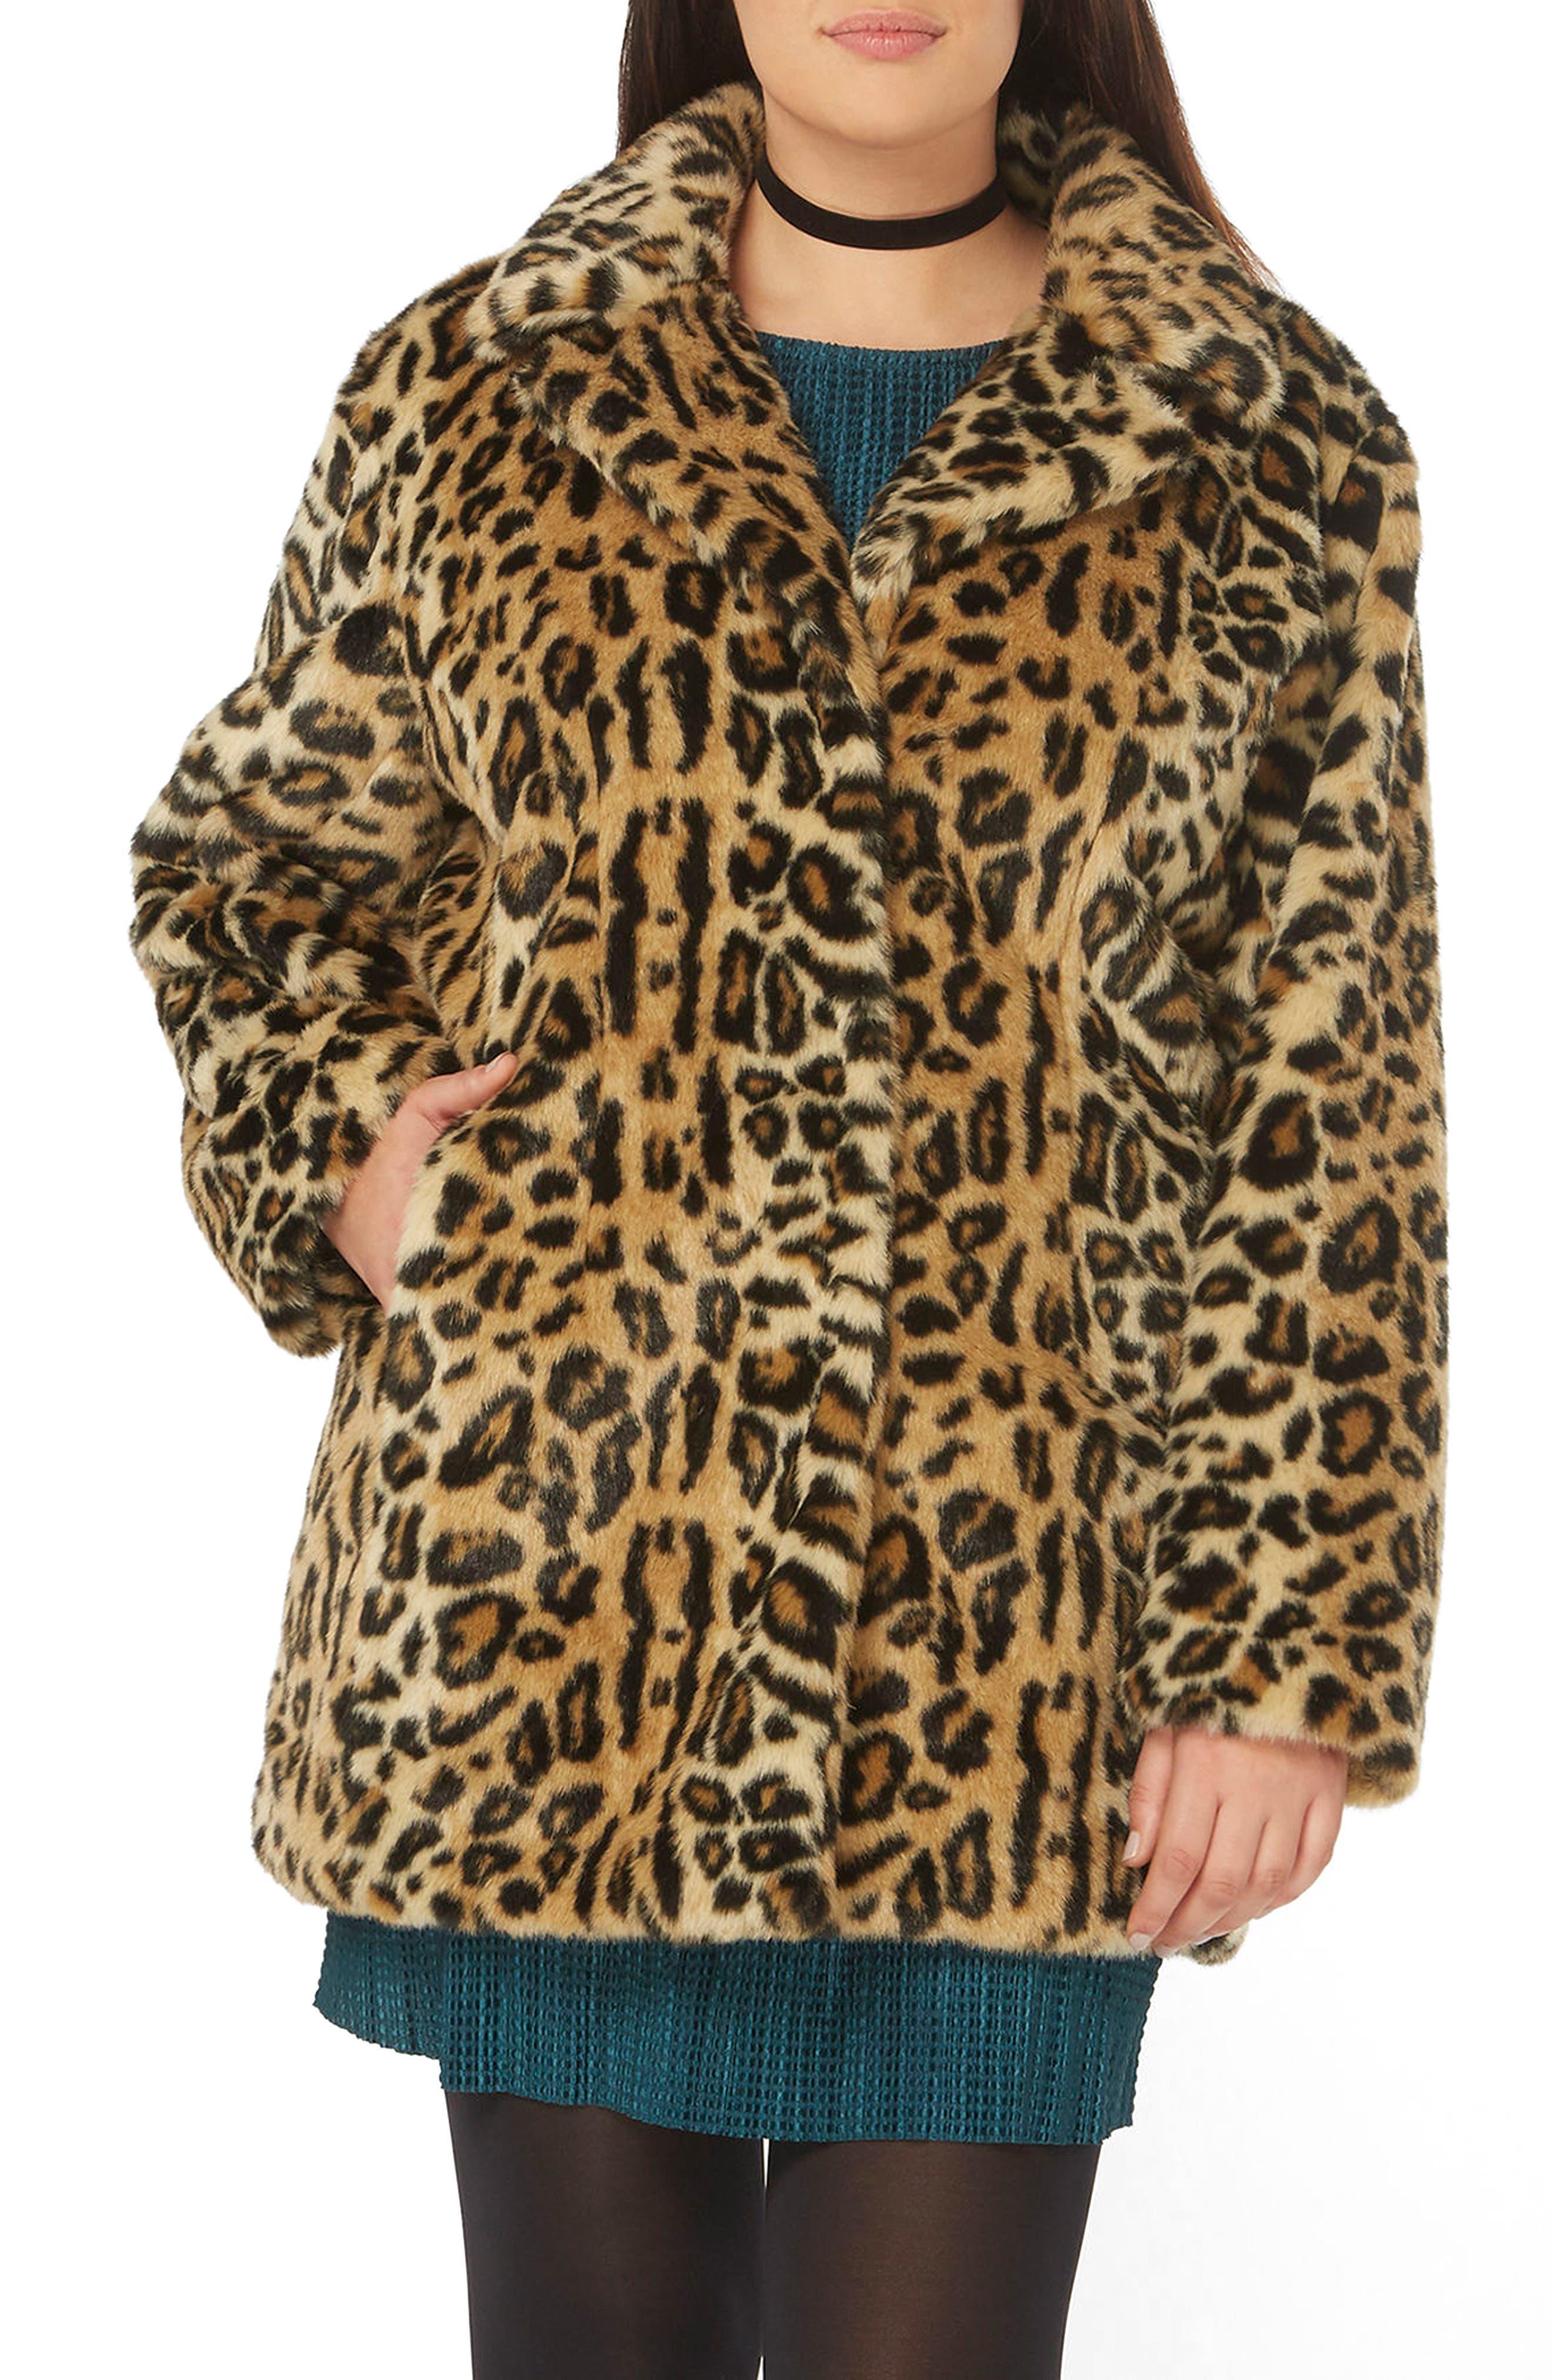 EVANS, Leopard Print Faux Fur Coat, Main thumbnail 1, color, 200